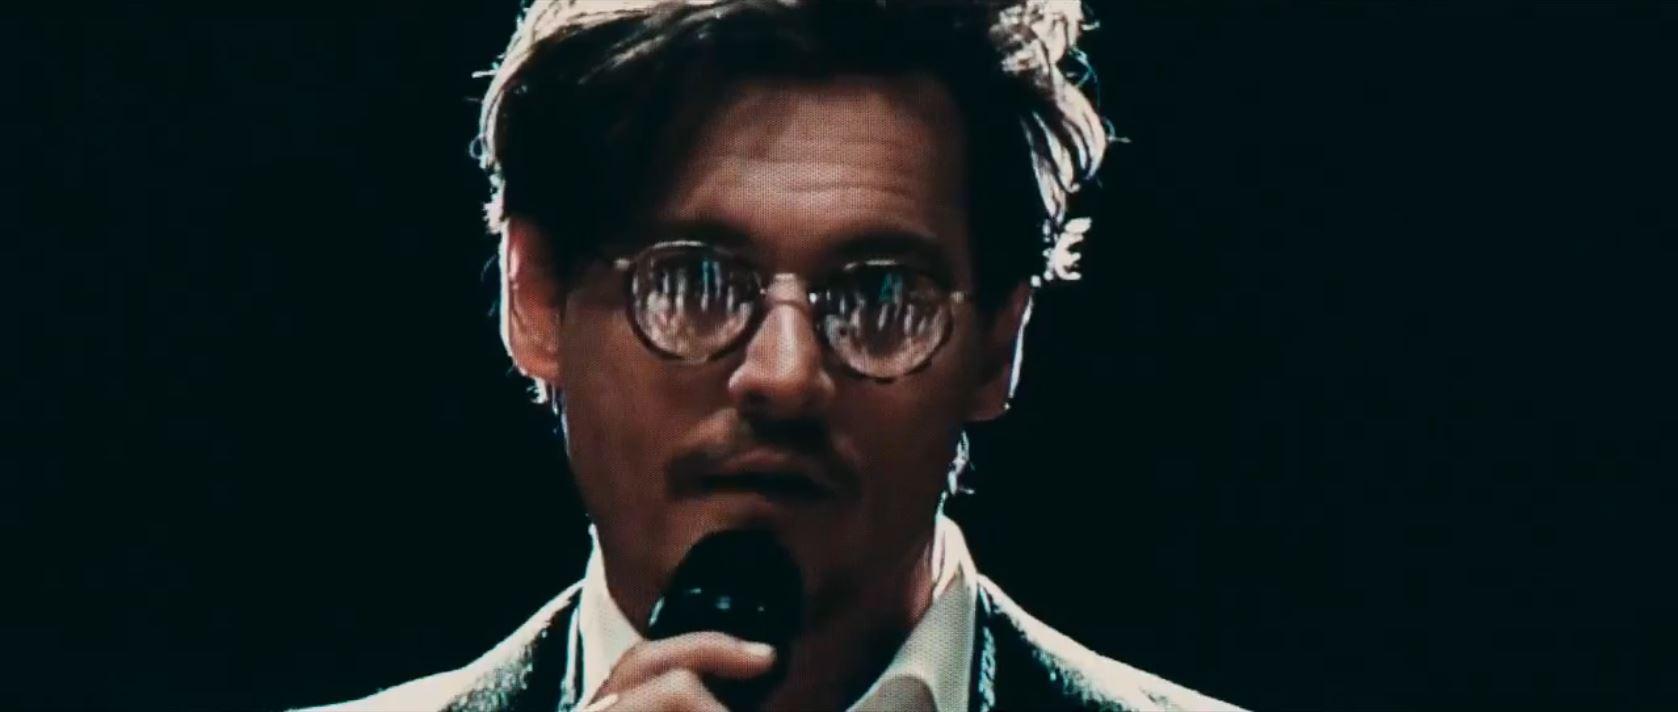 transcendence movie - Johnny Depp as Will Caster